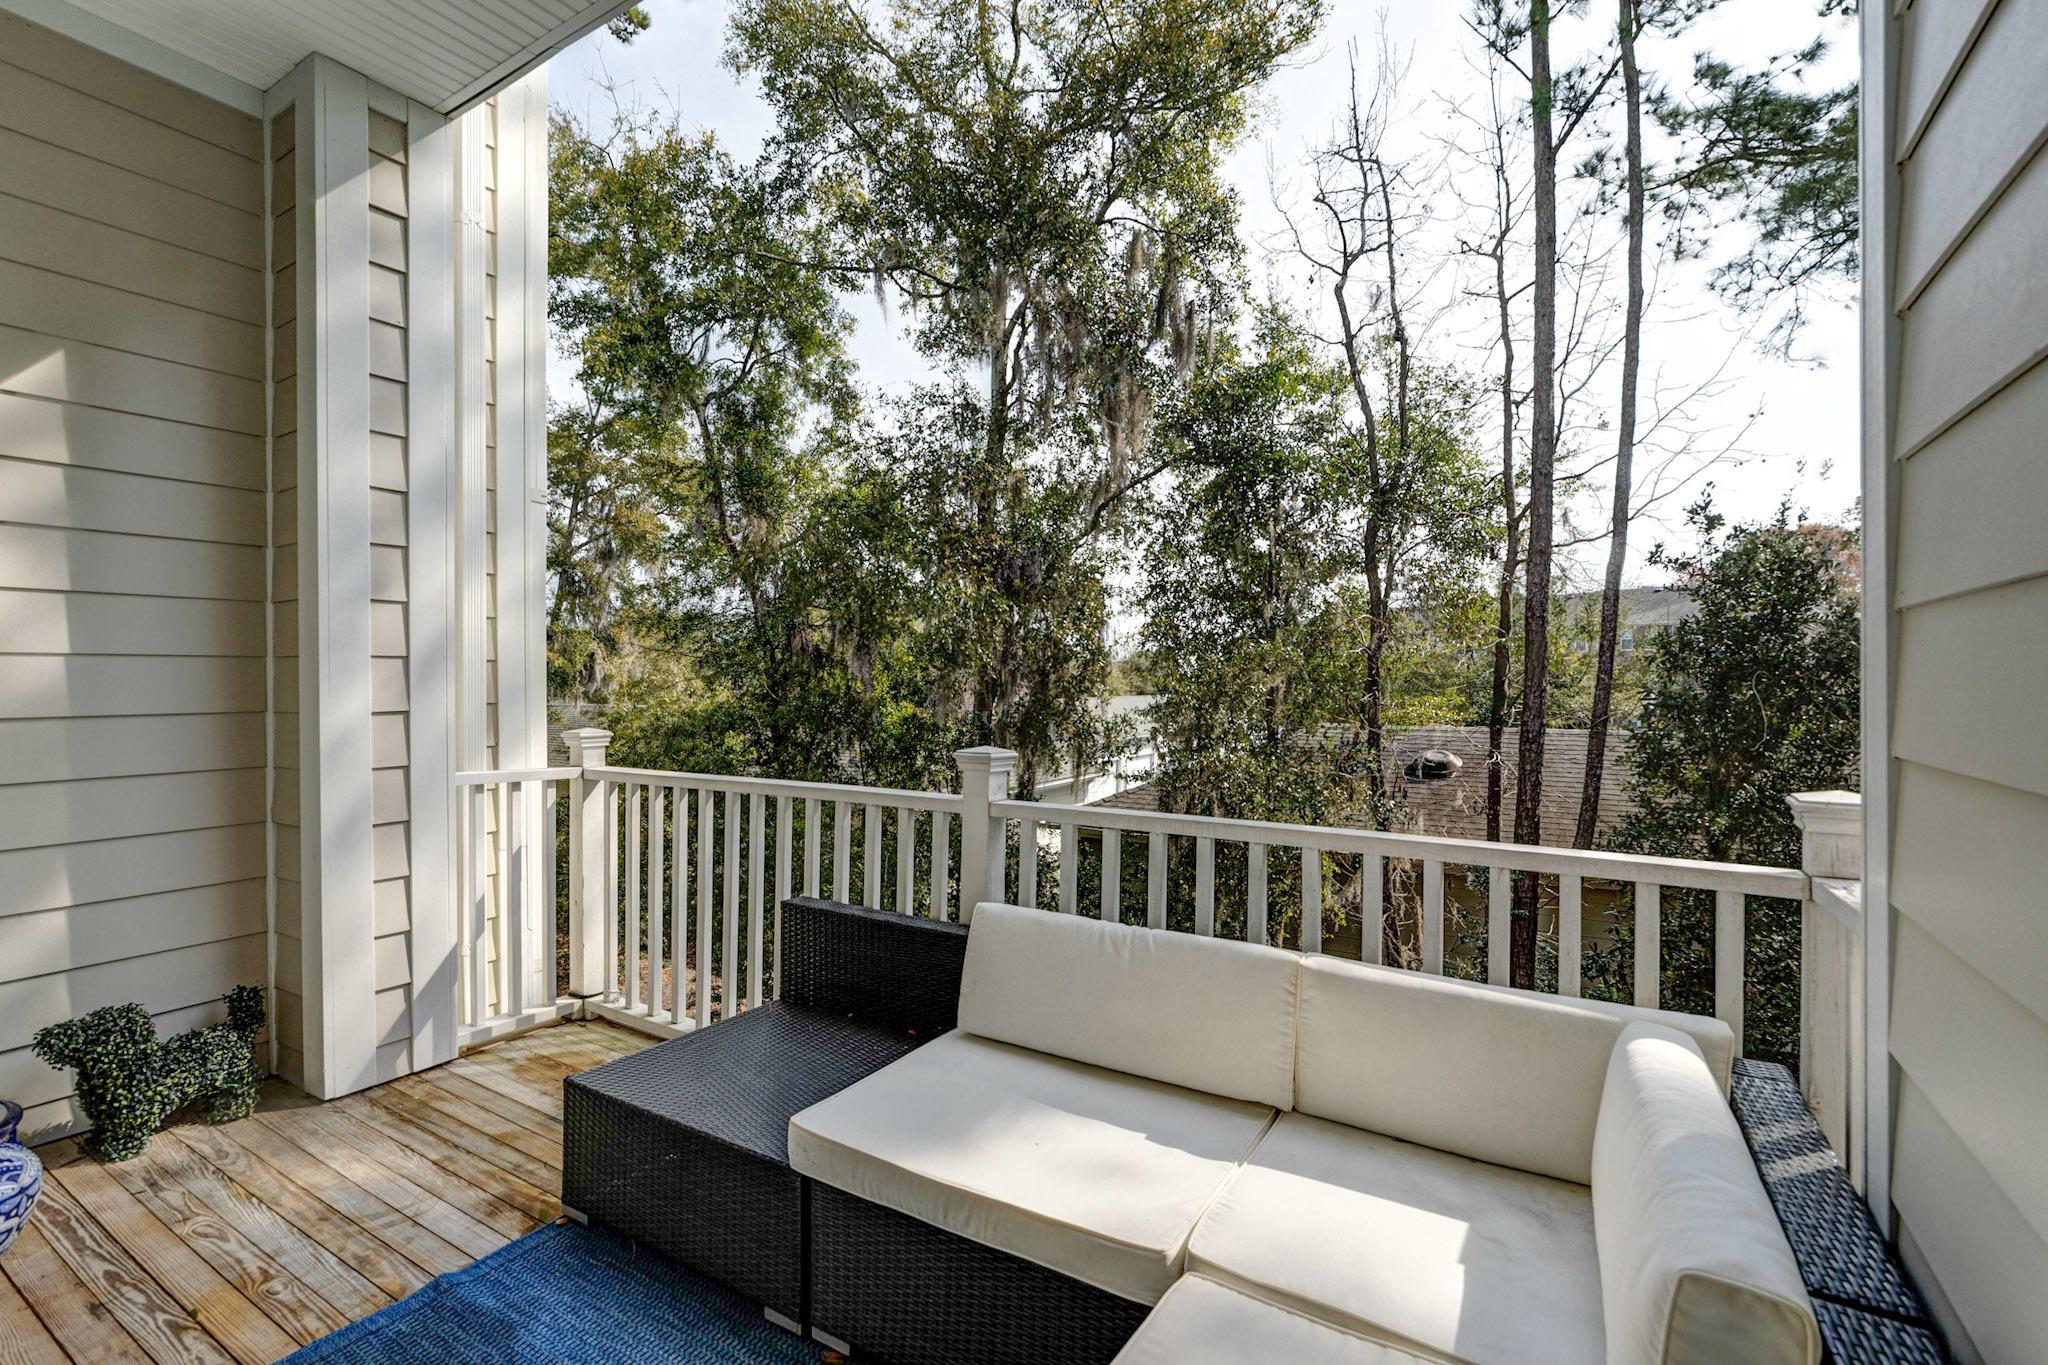 Bowman Park Homes For Sale - 1017 Bowman Woods, Mount Pleasant, SC - 11